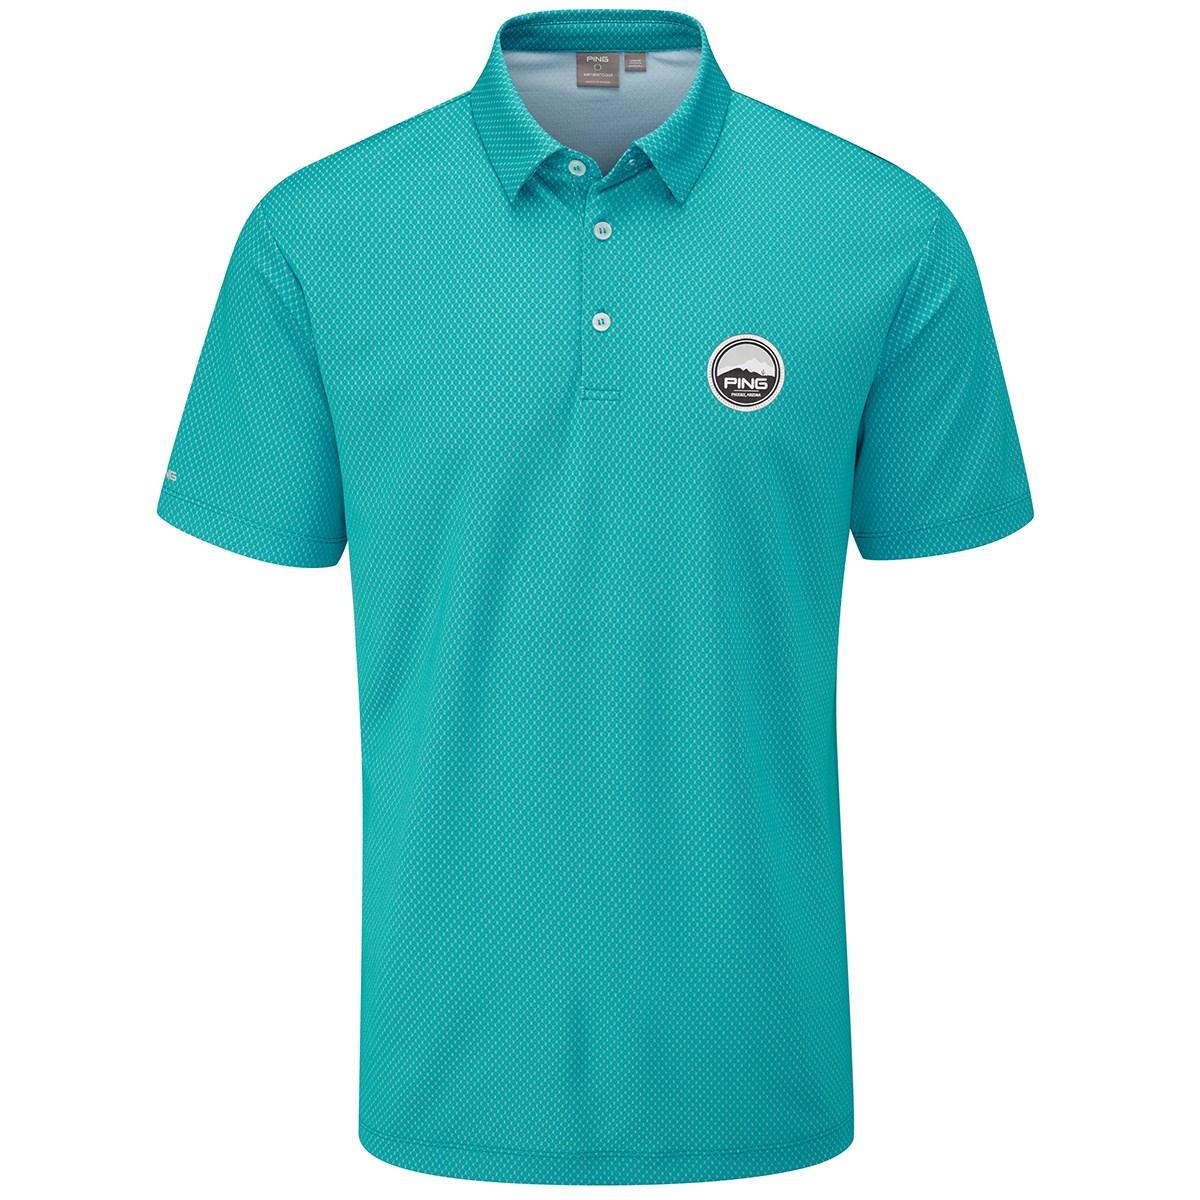 ピン(PING) スパイク-J 半袖ポロシャツ